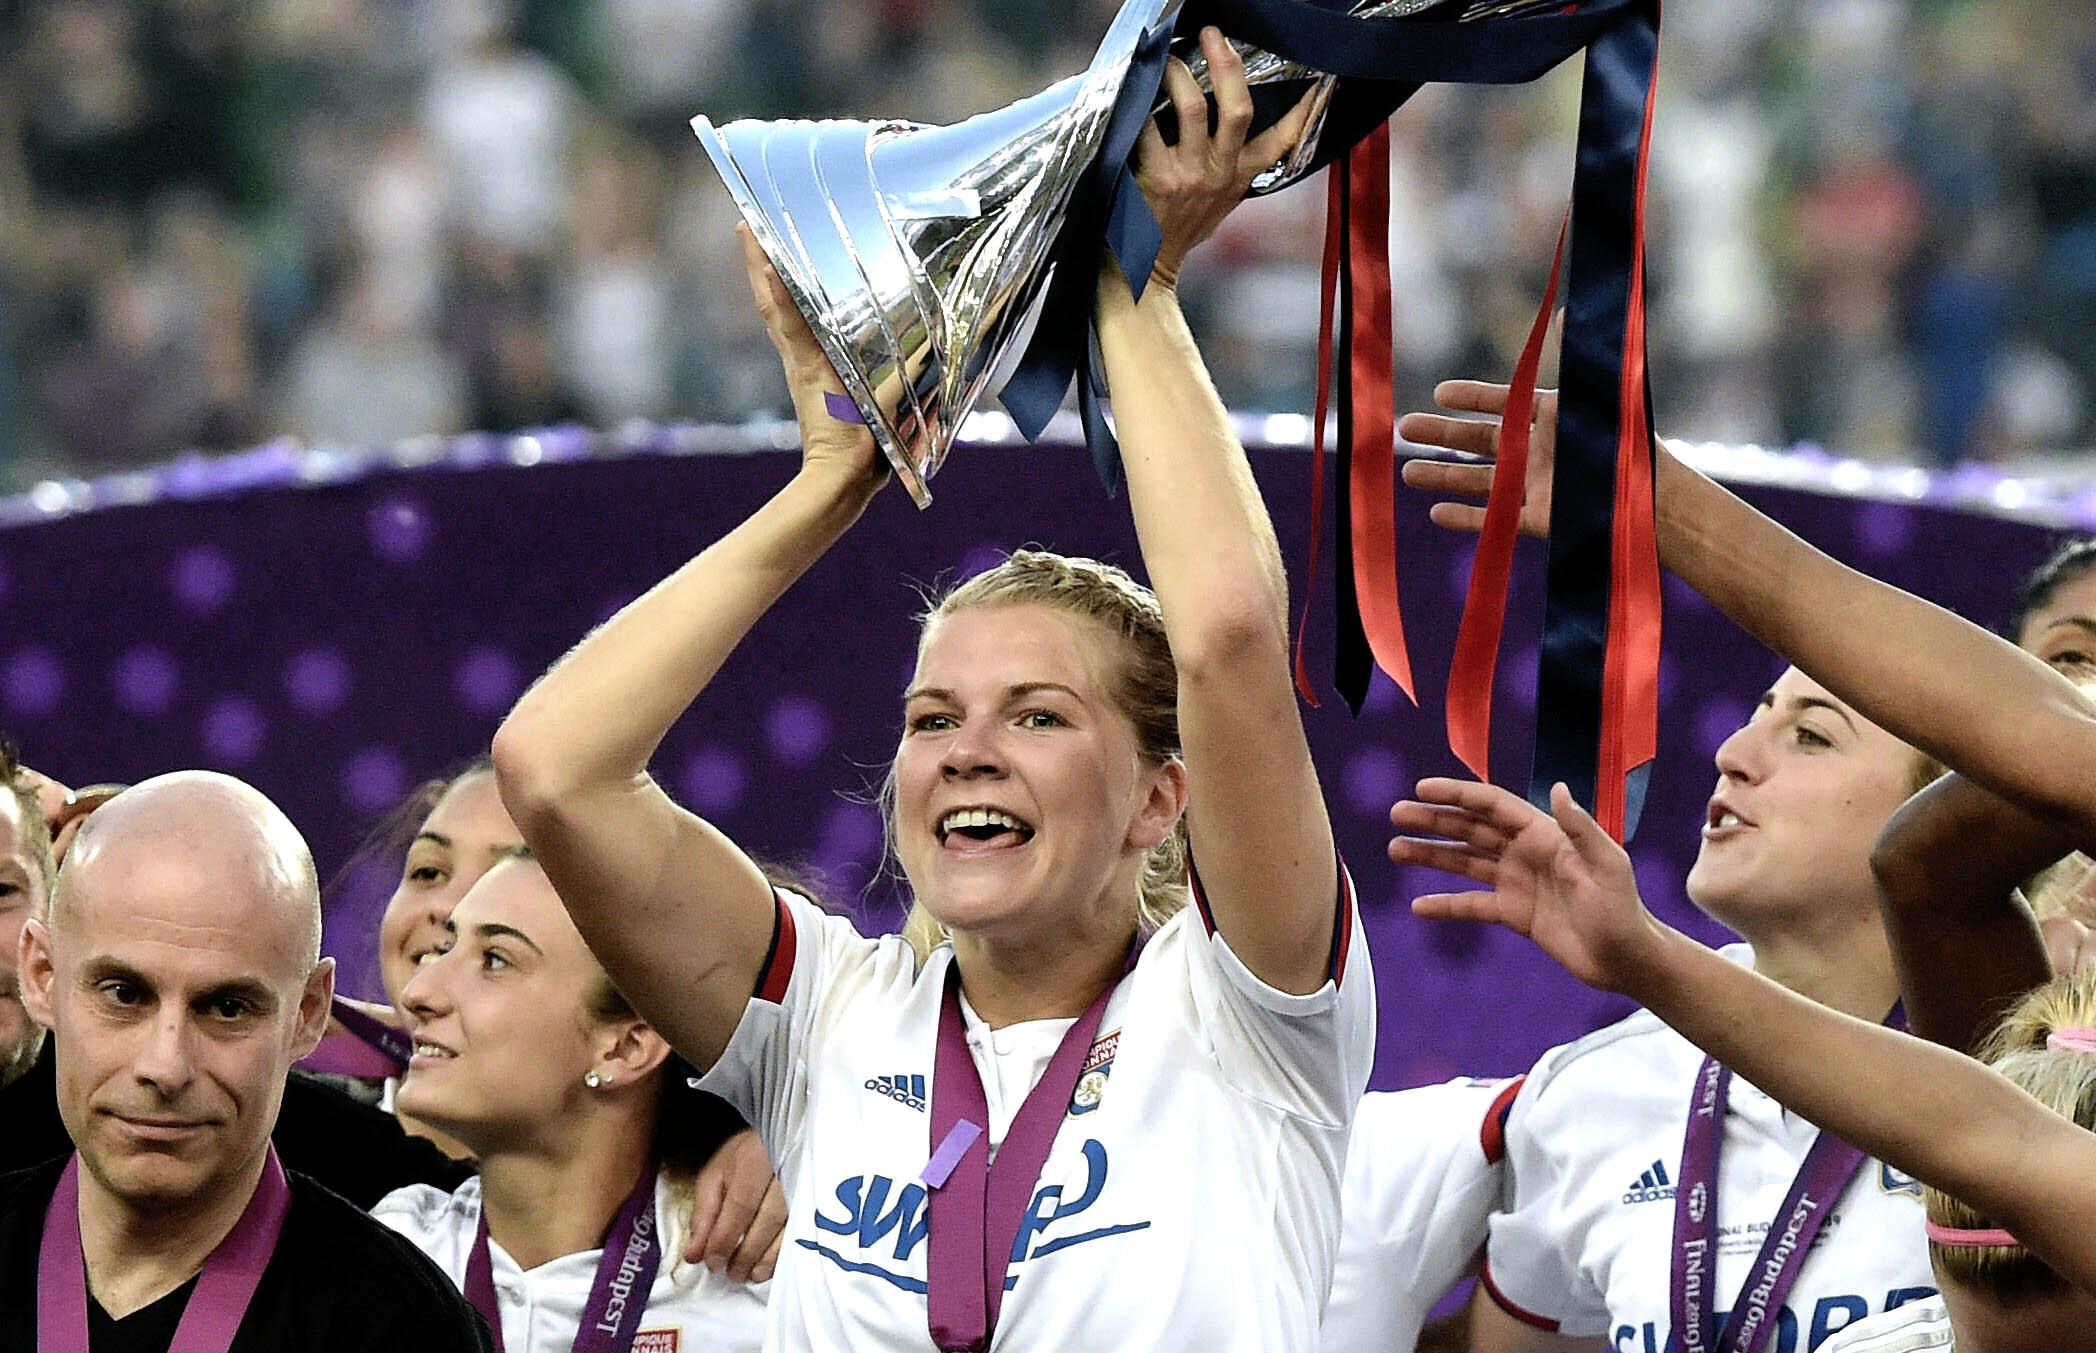 20d0f3793 Fotball-VM For Kvinner - Norges Resultater I VM - NordicBet